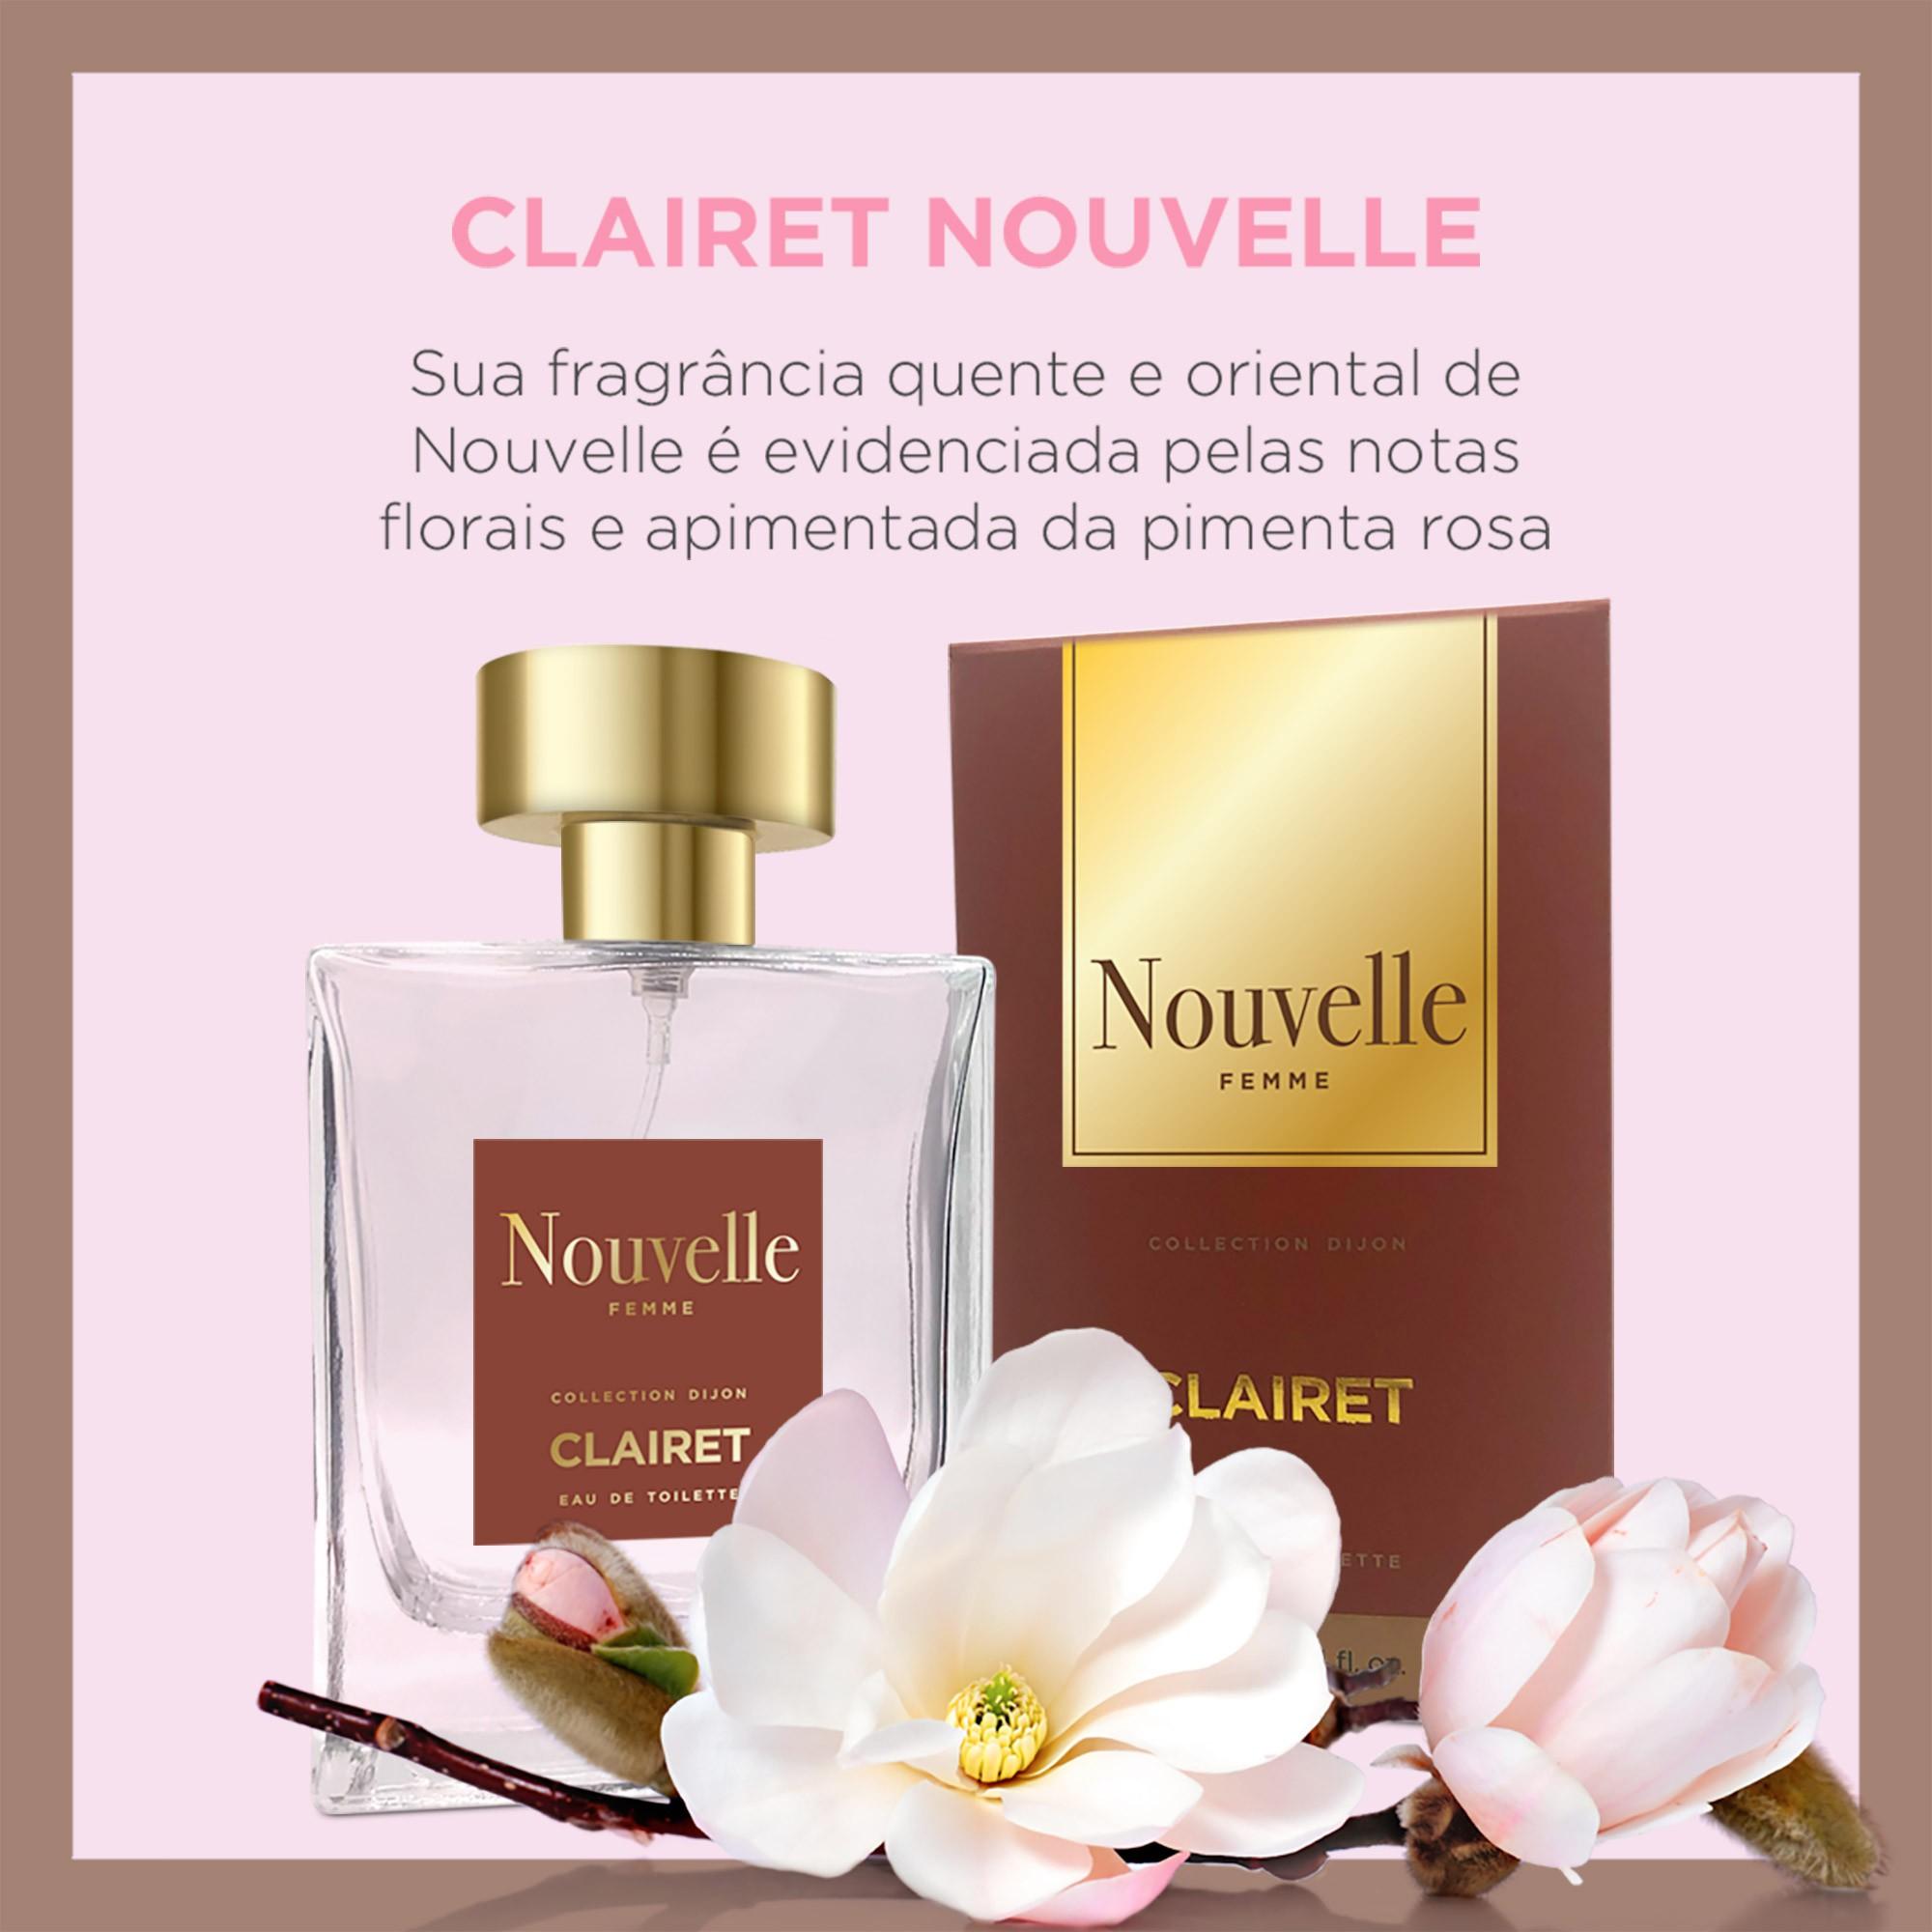 Clairet Nouvelle - Collection Dijon